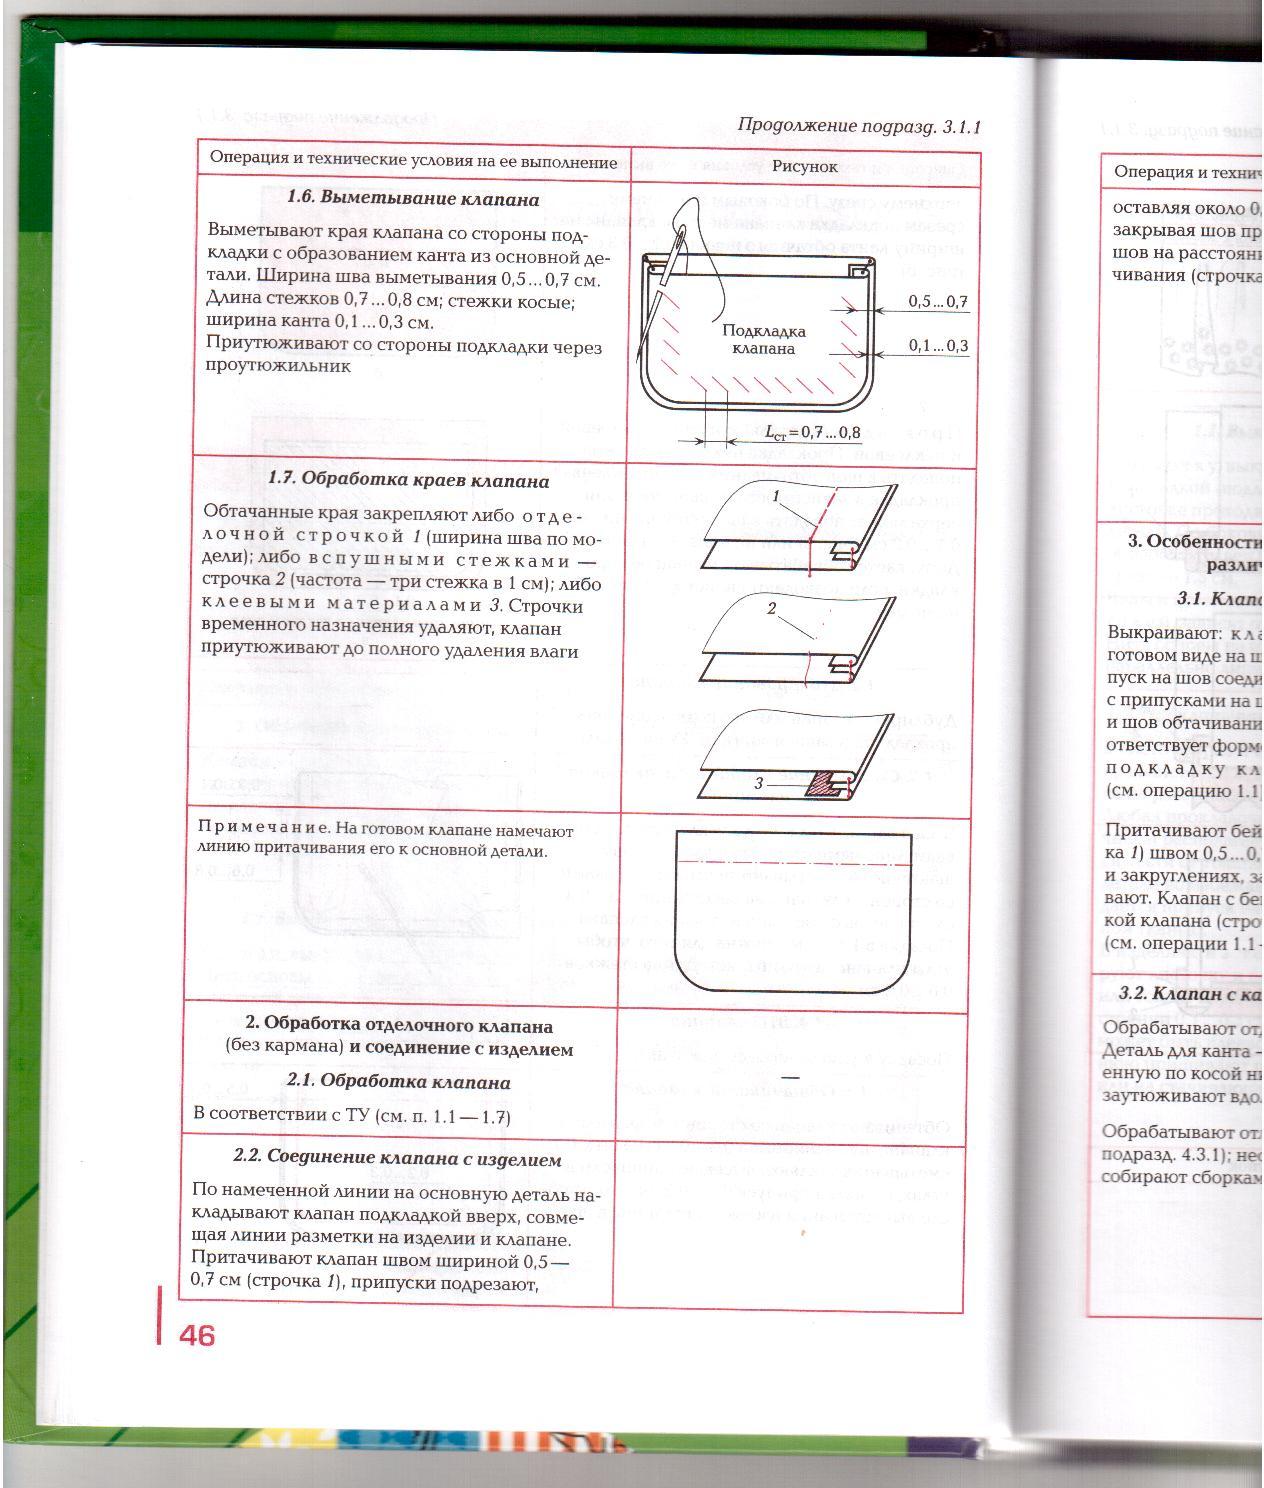 C:\Documents and Settings\Admin\Мои документы\Мои рисунки\Изобрпажение\Изобрпажение 011.jpg